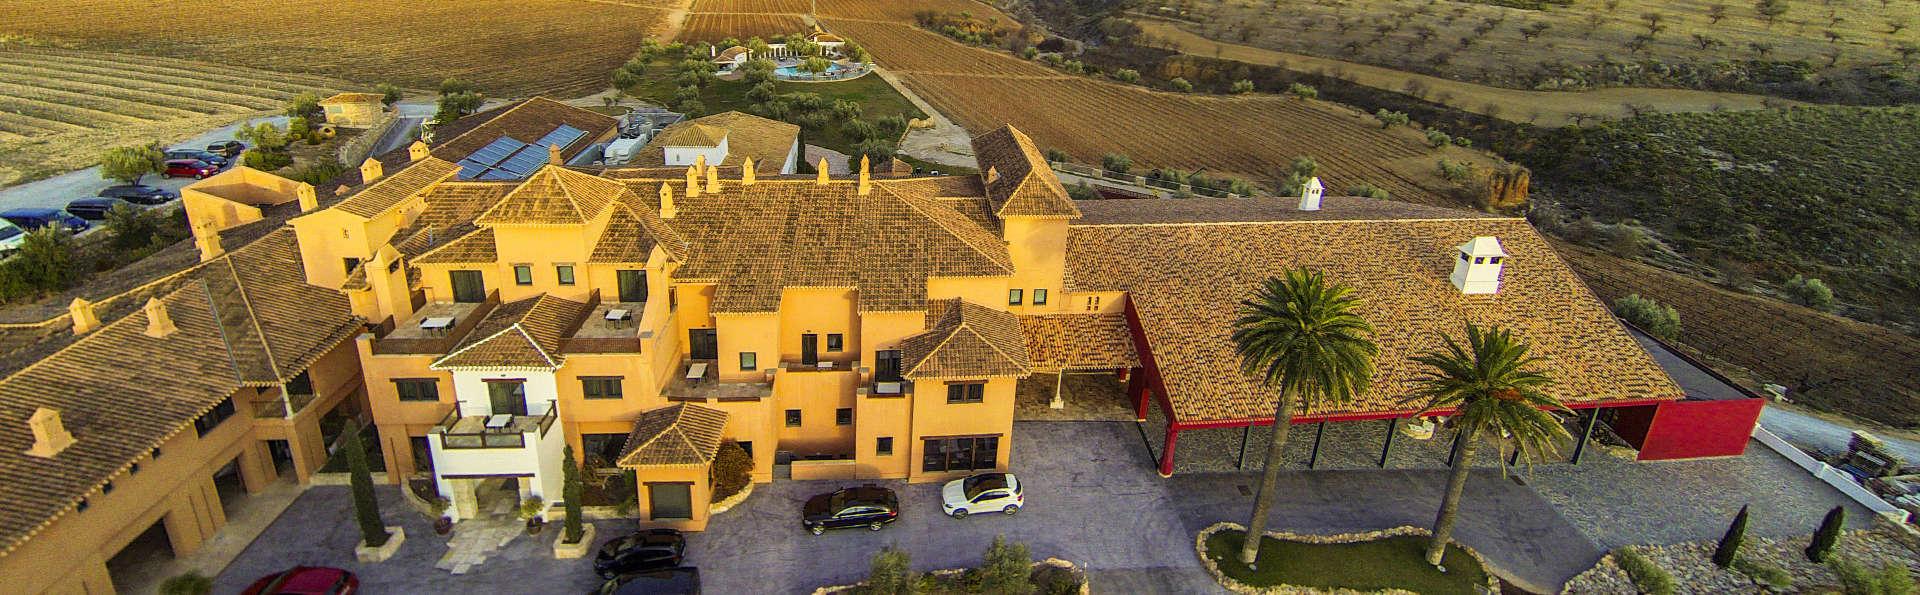 Hotel & Winery Señorío de Nevada - EDIT_Exterior.jpg